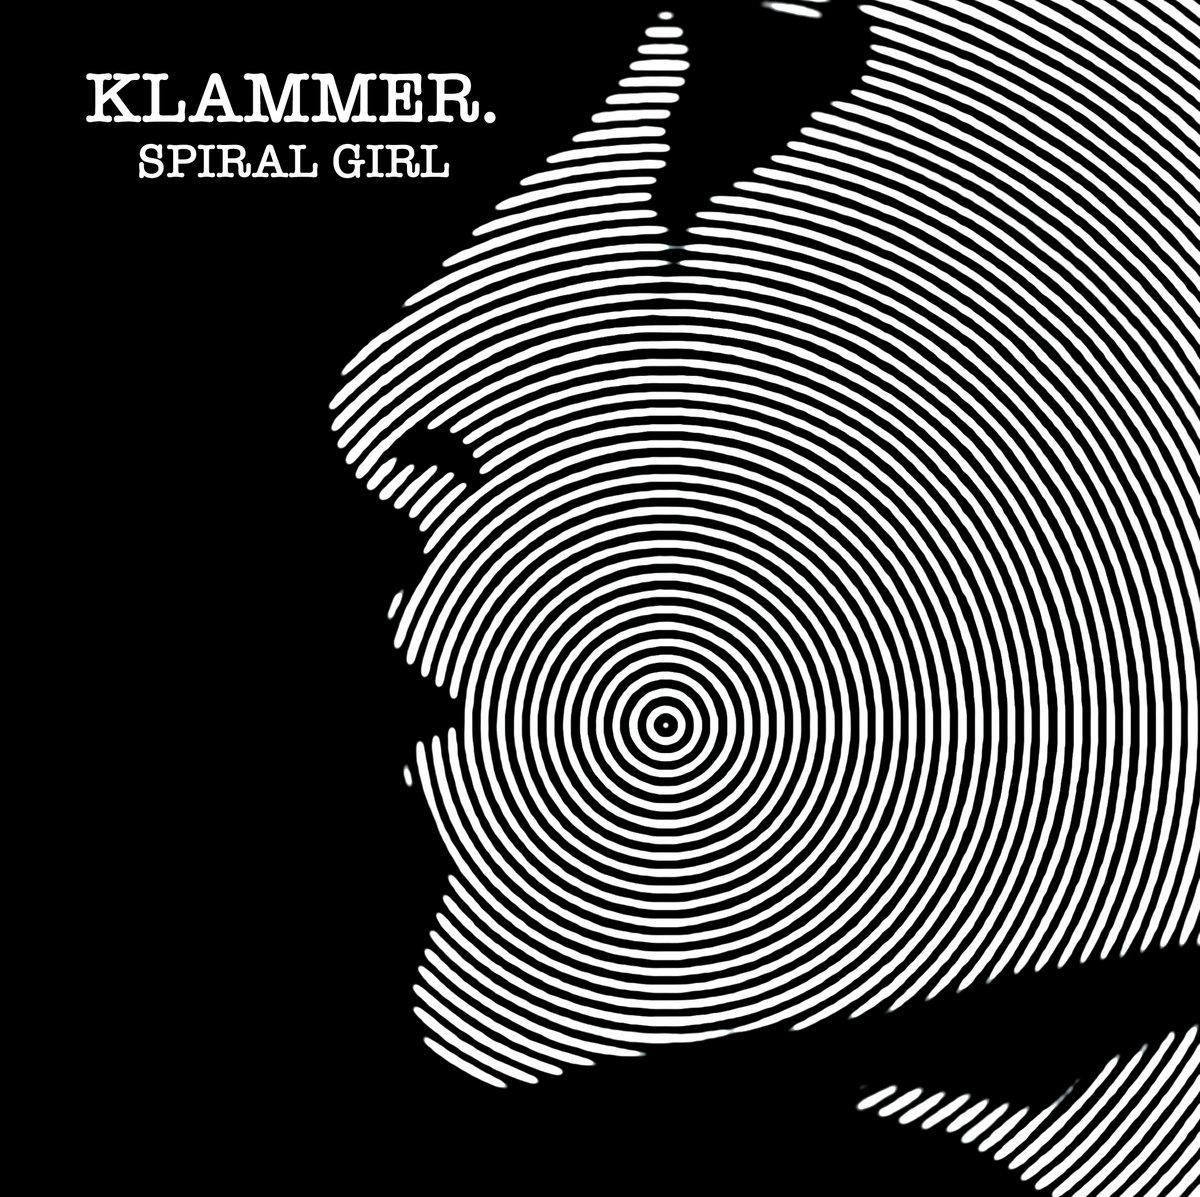 Half Life Klammer